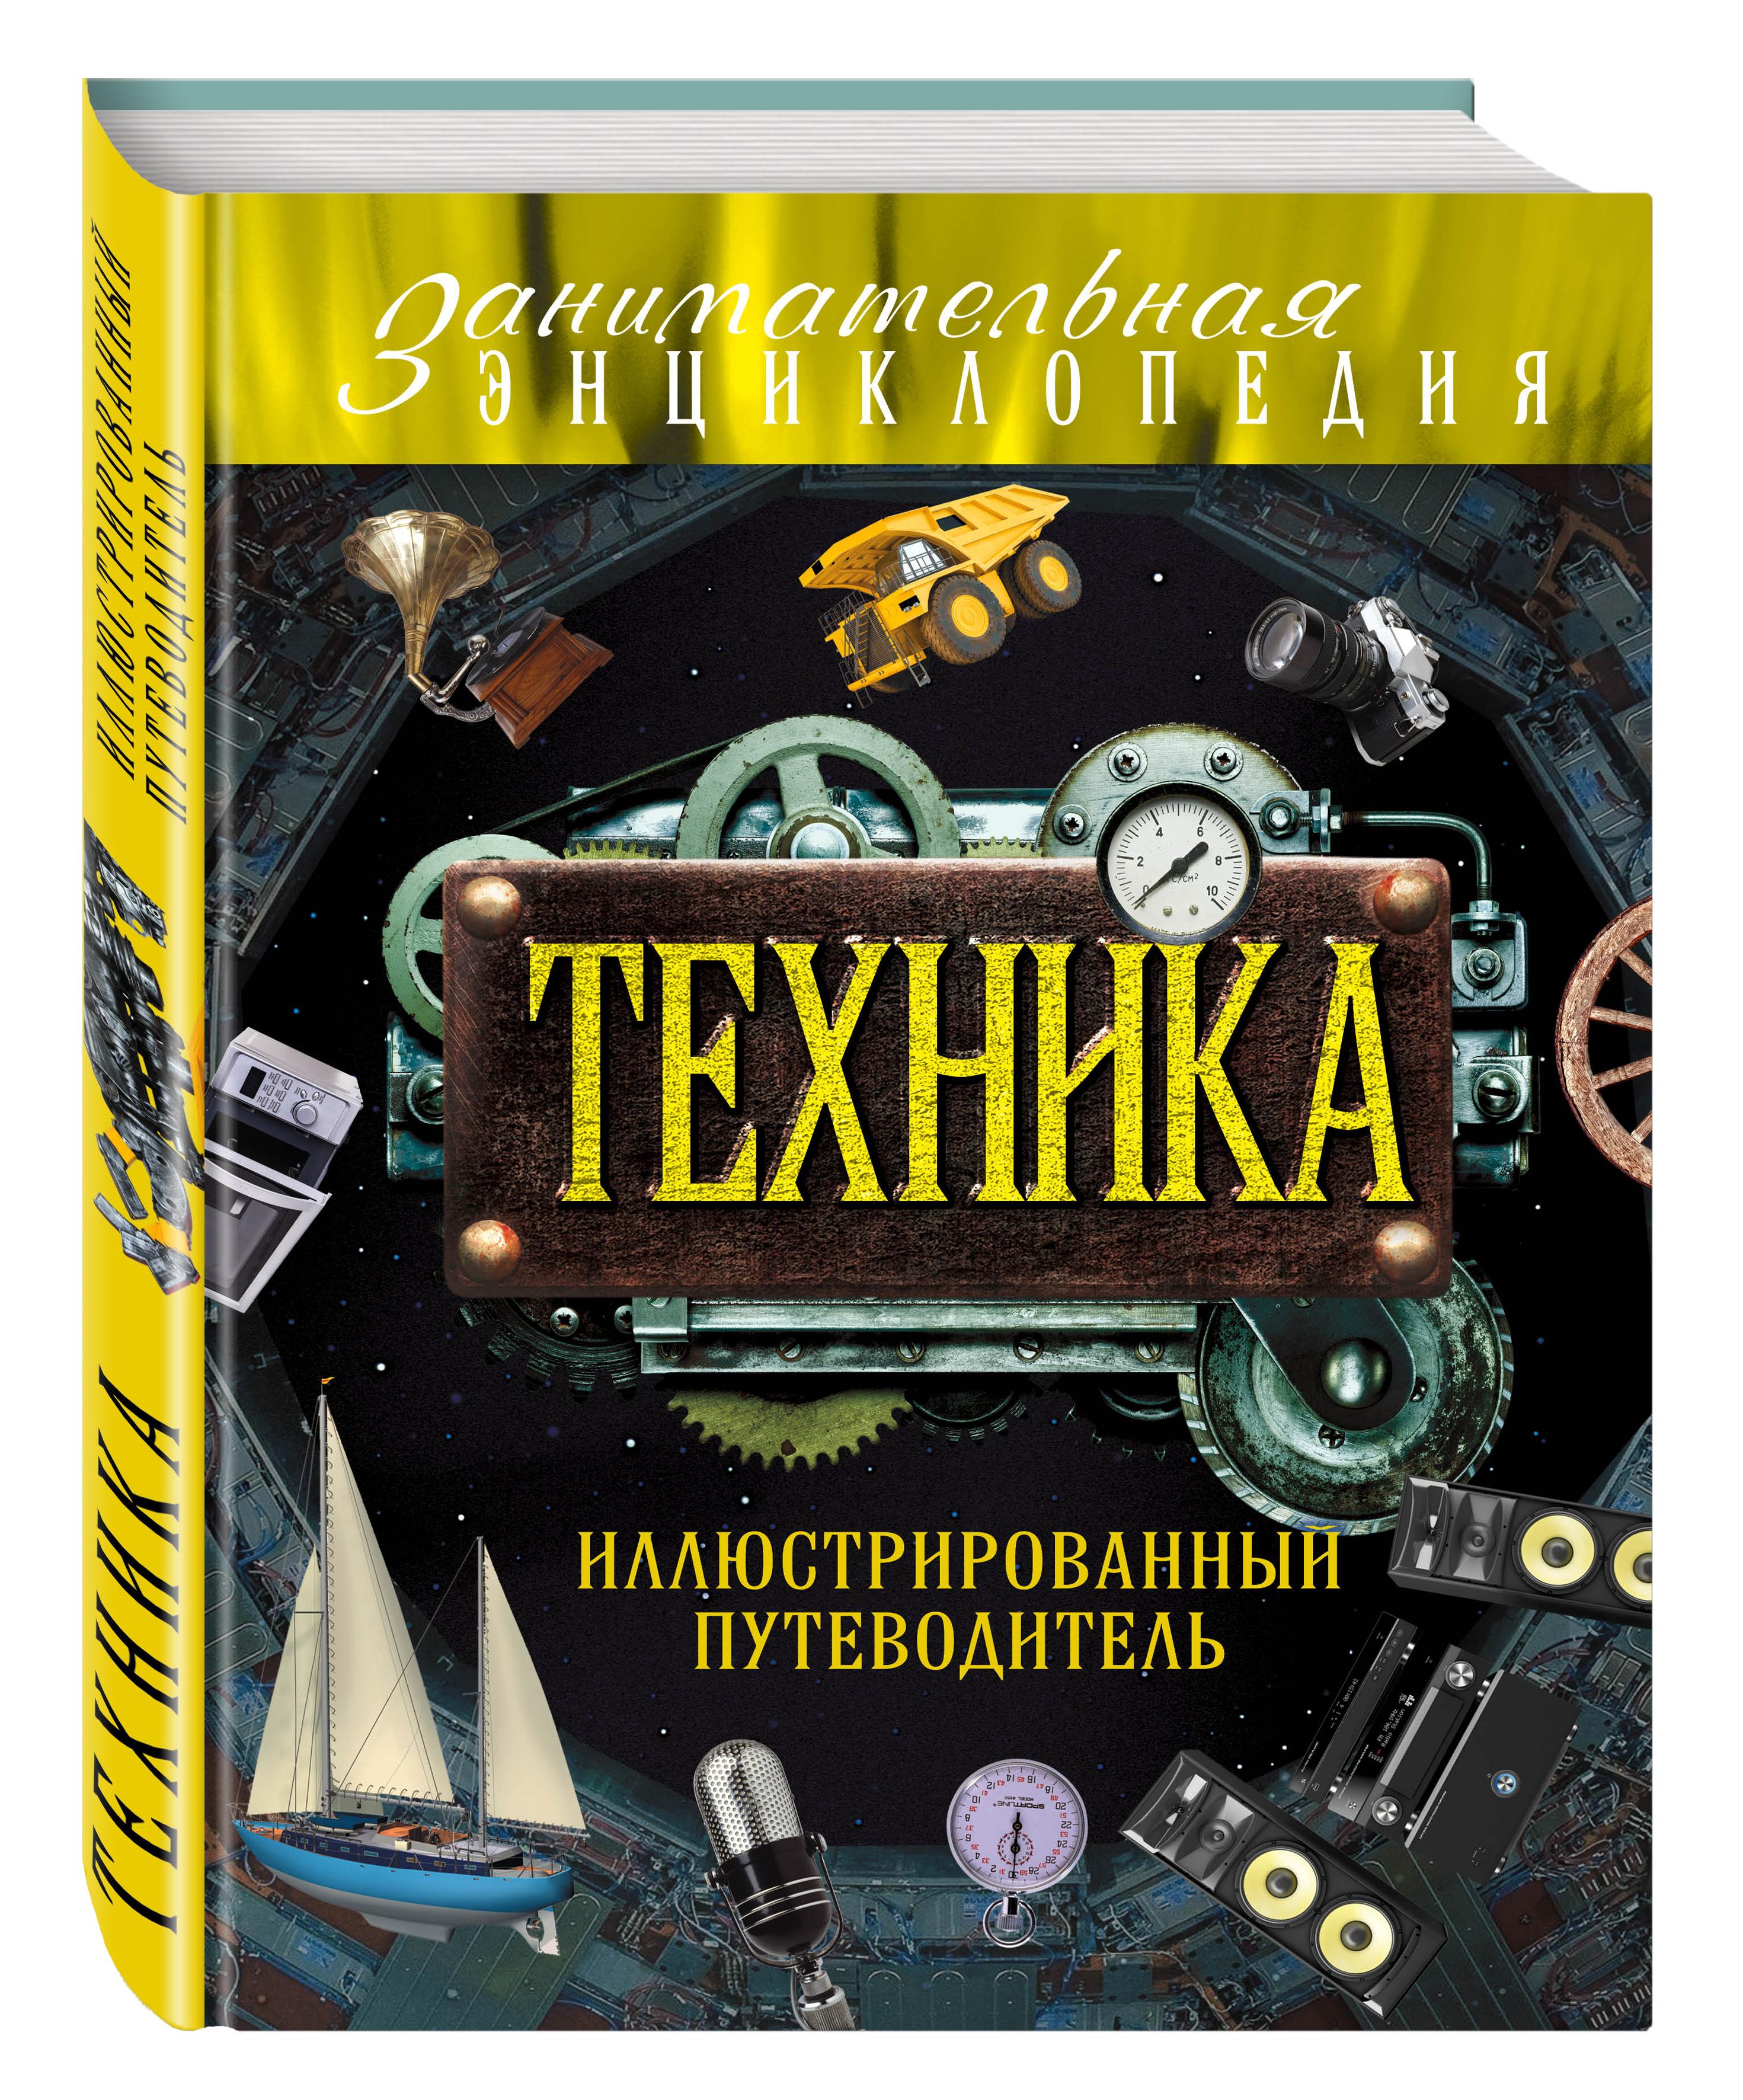 Алексей Гайдалович, Юлия Кириллова Техника: иллюстрированный путеводитель